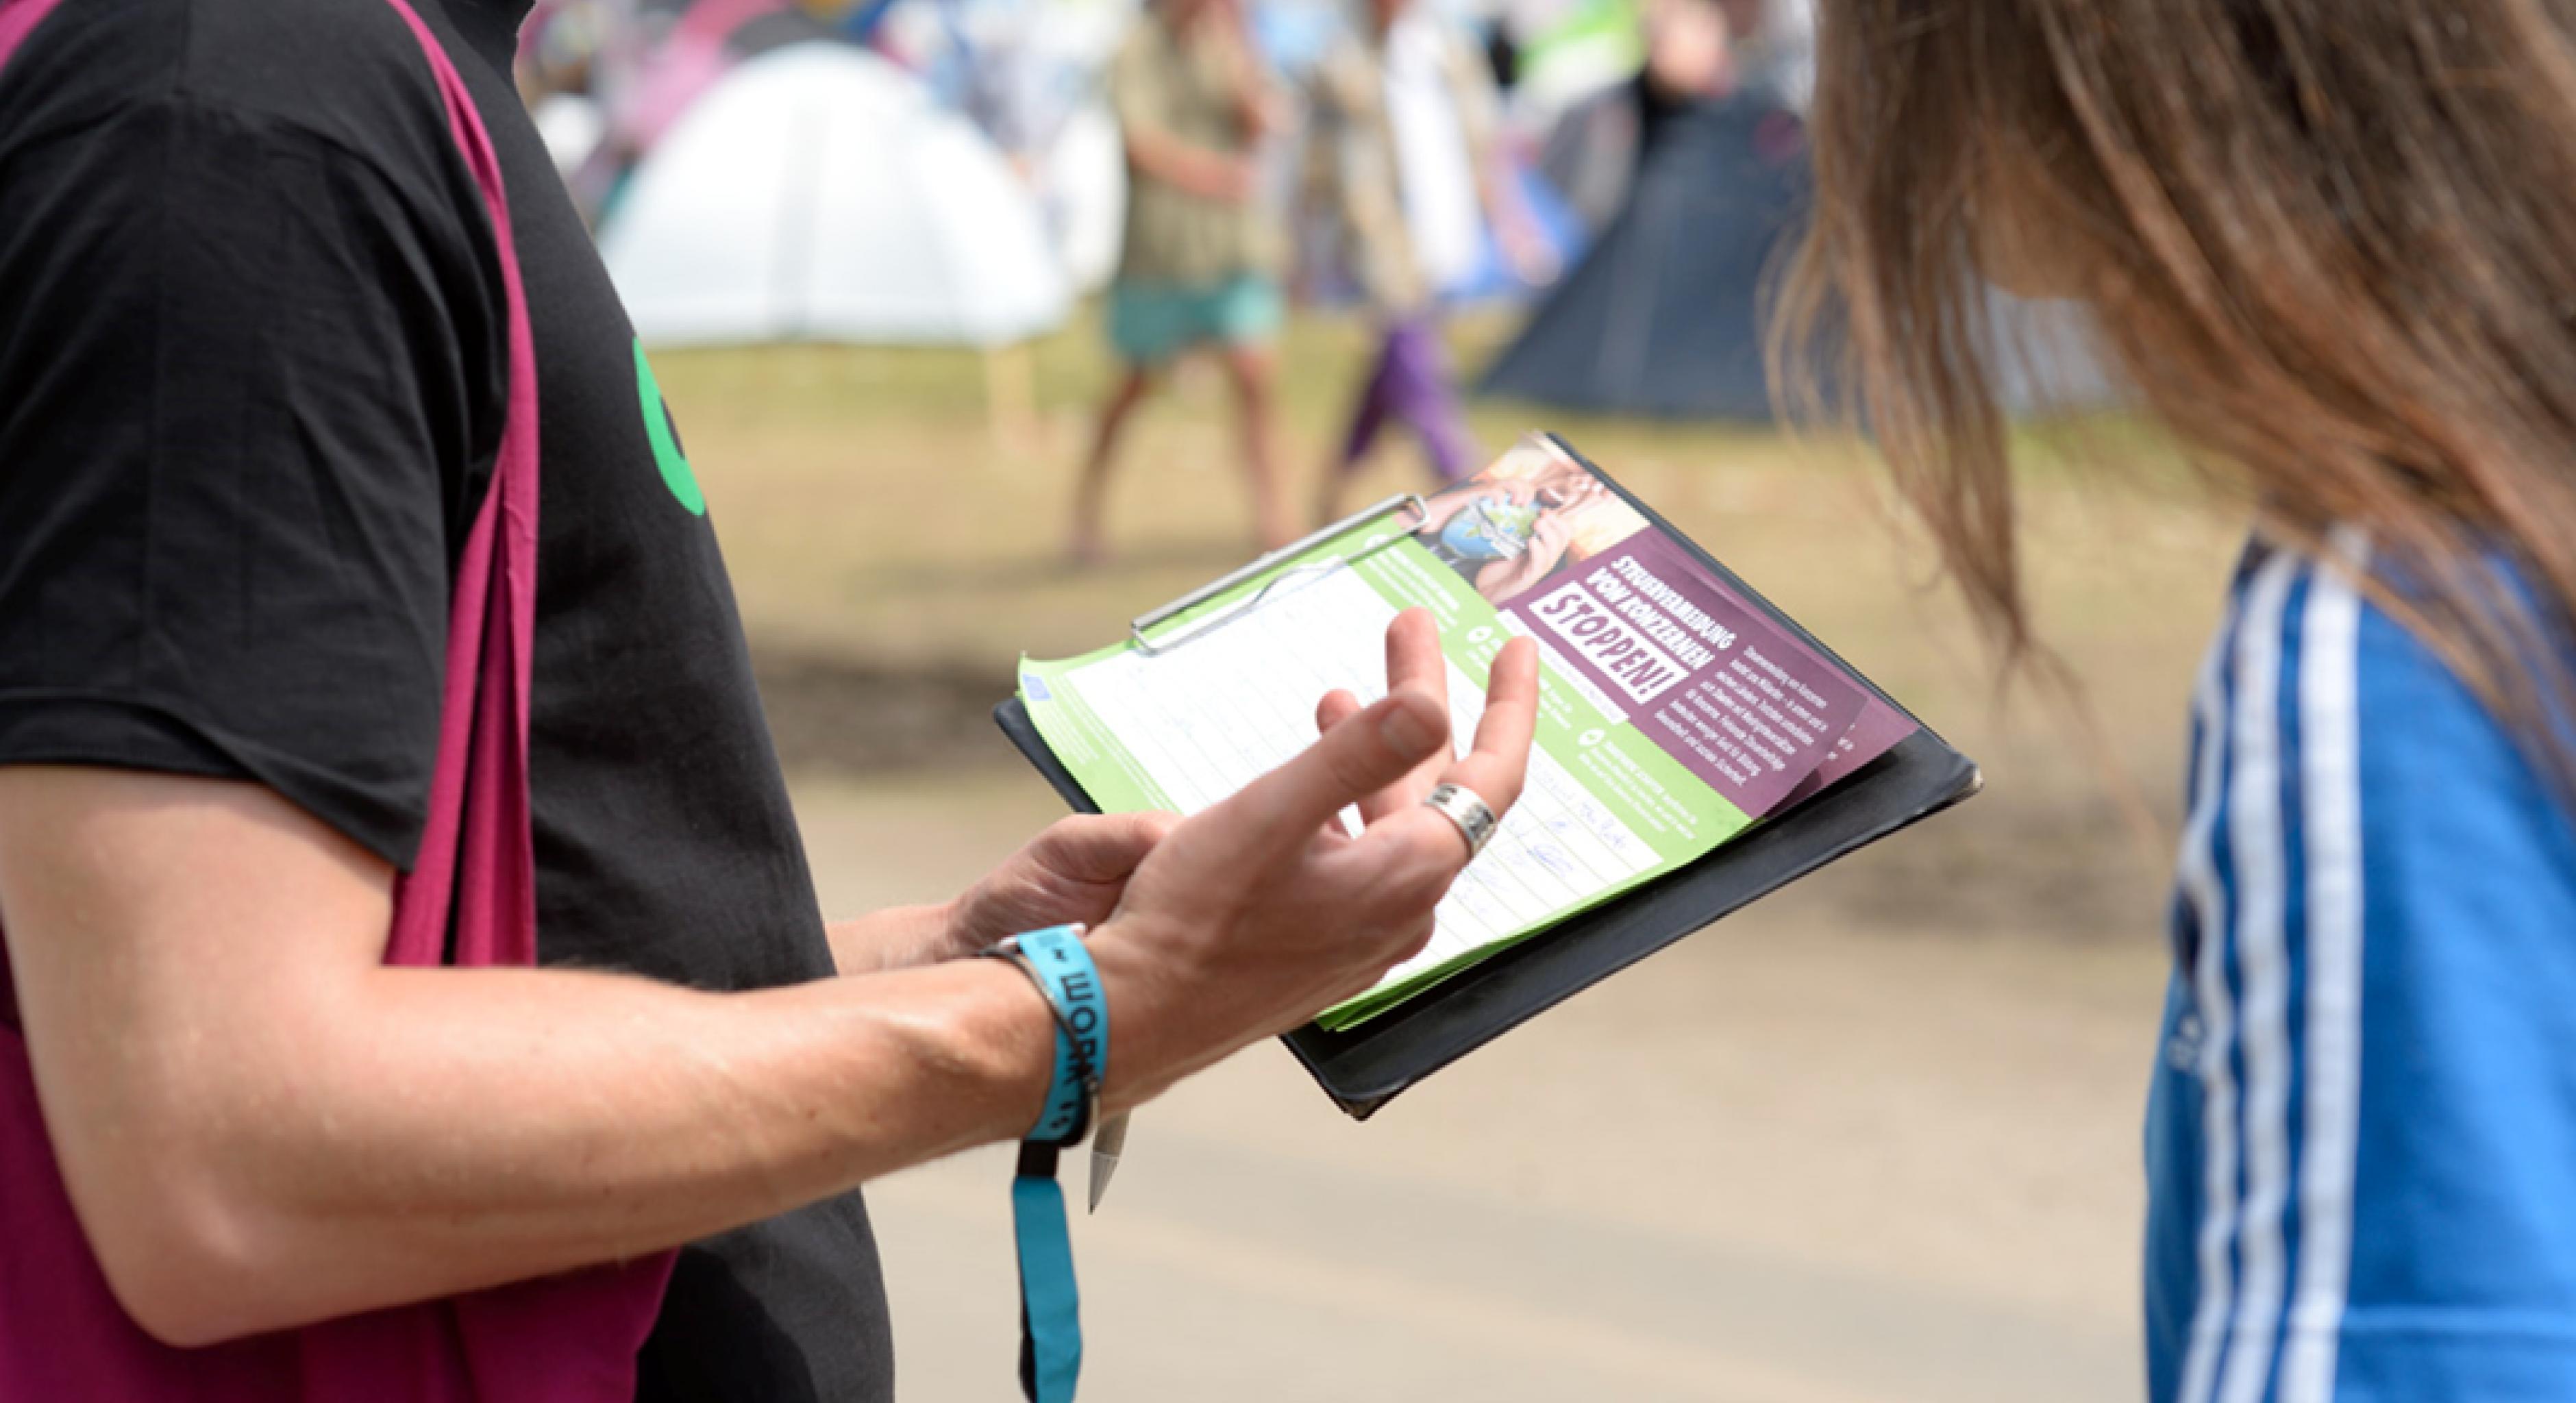 Konzertaktivistin Oxfam on Tour Unterschriften sammeln